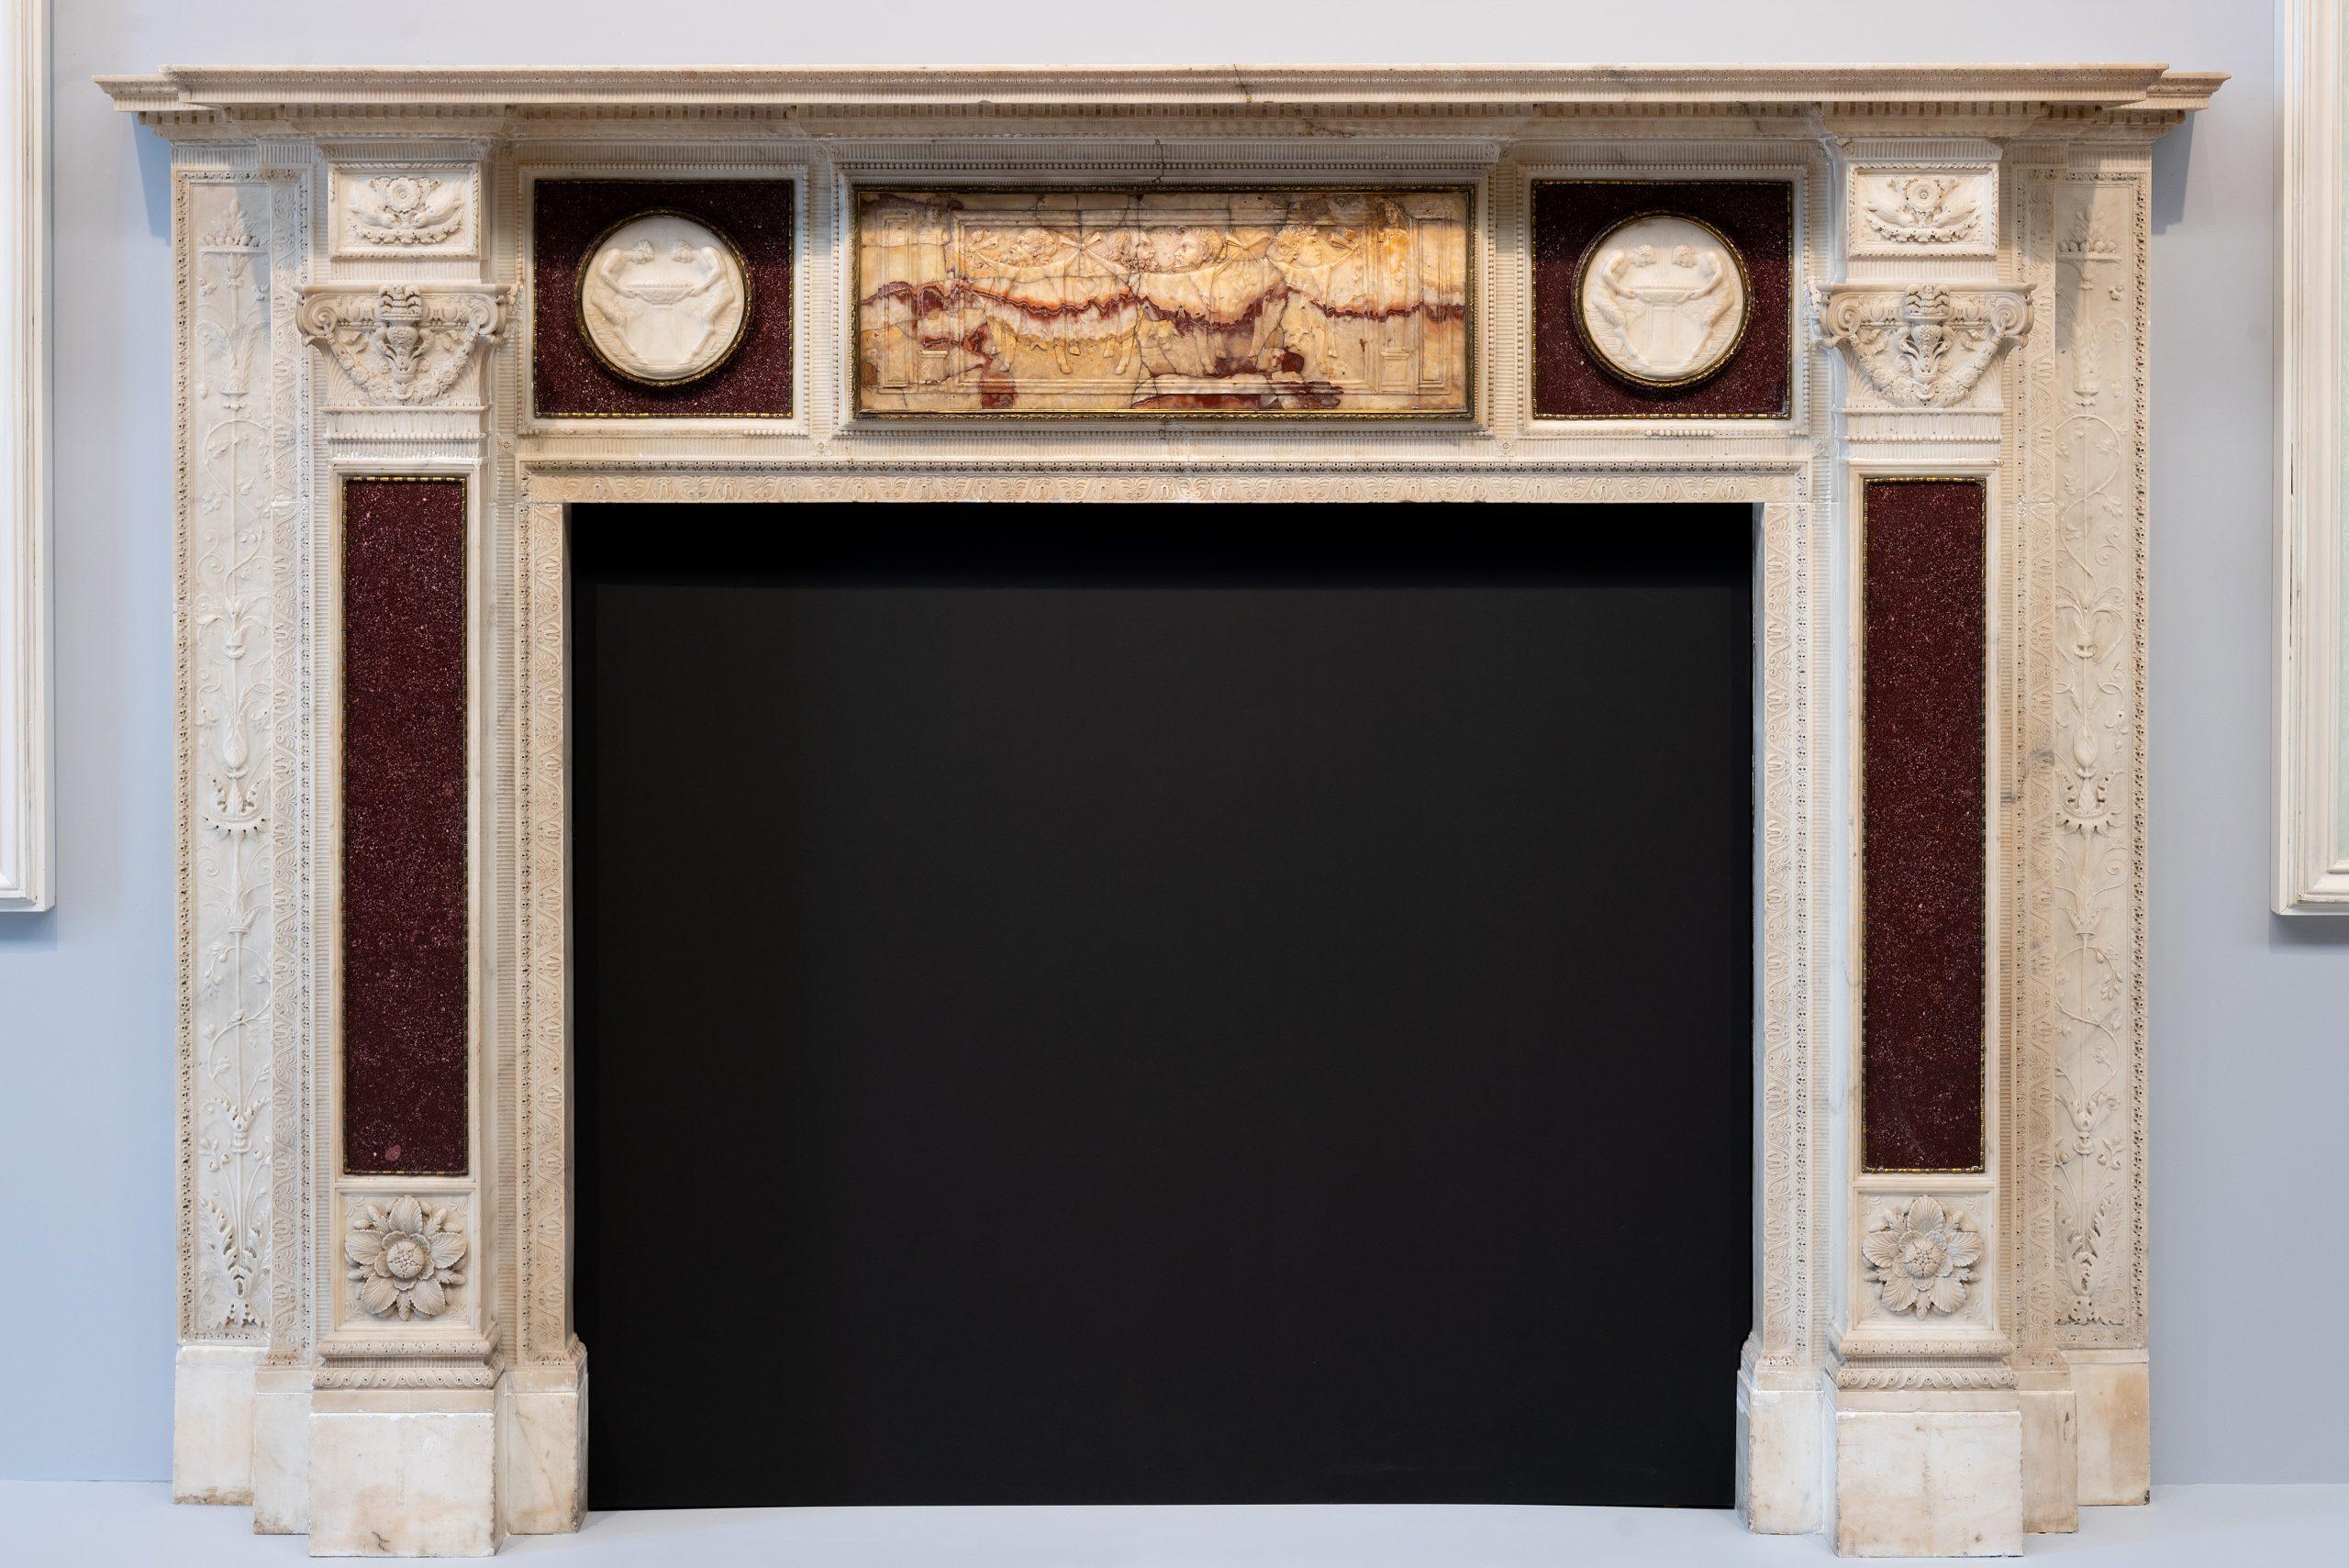 43. Chimenea escultural de mármol blanco y pórfido rojo con relieve de alabastro del siglo II d.C. dedicado al dios Baco, h. 1774-1778